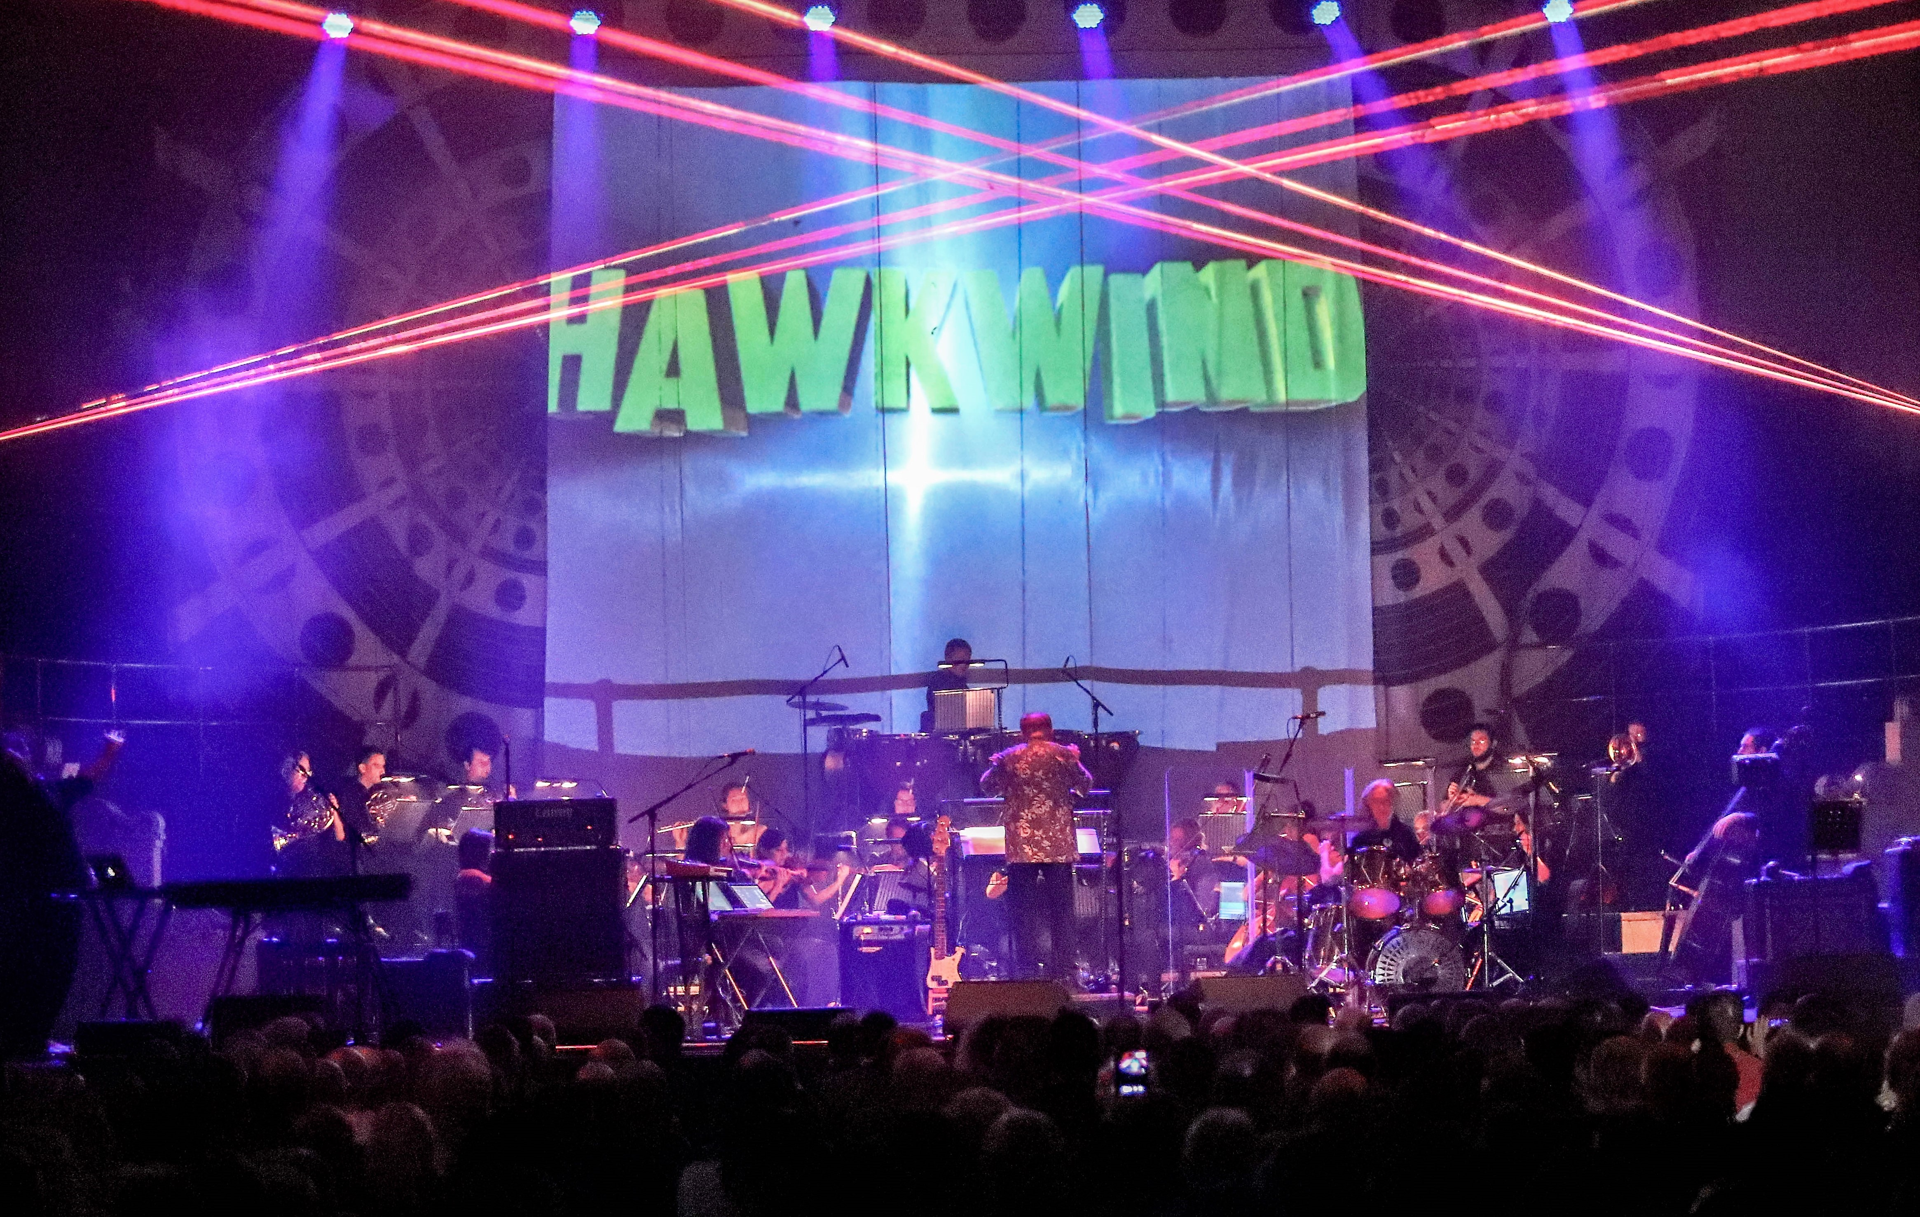 Hawkwind – Leeds Town Hall, 19/10/2018